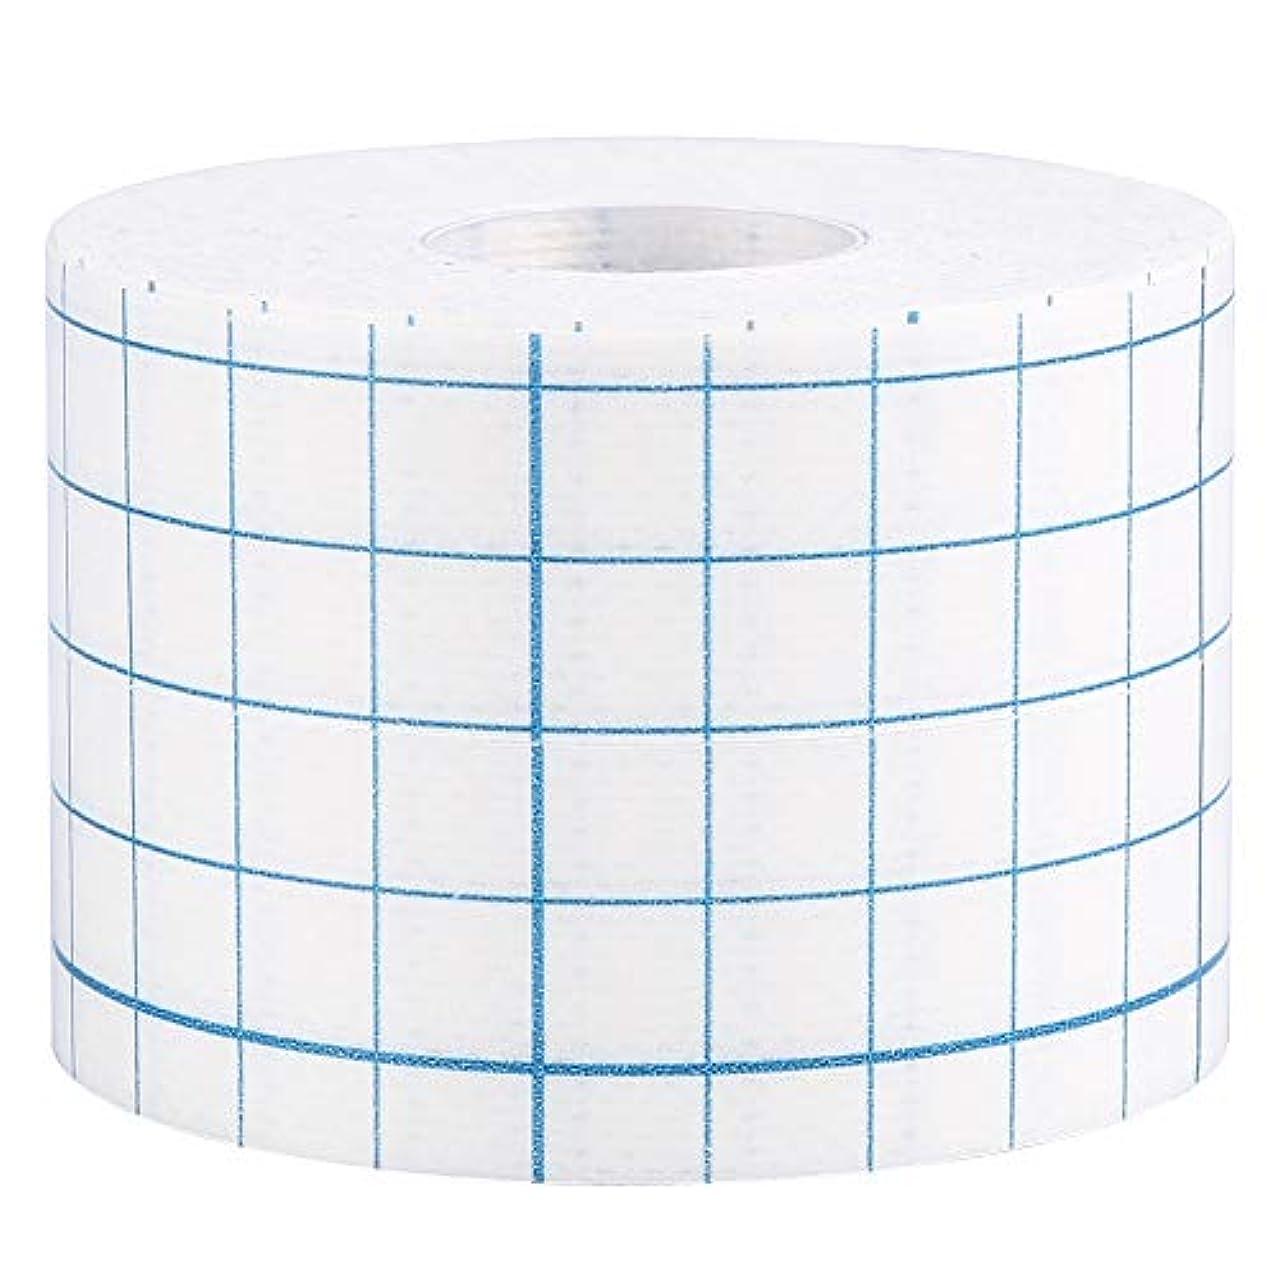 トロイの木馬道路を作るプロセスカビ3サイズ1ロールプロフェッショナル不織布接着創傷ドレッシング医療用固定テープ包帯(5cm x 10m)